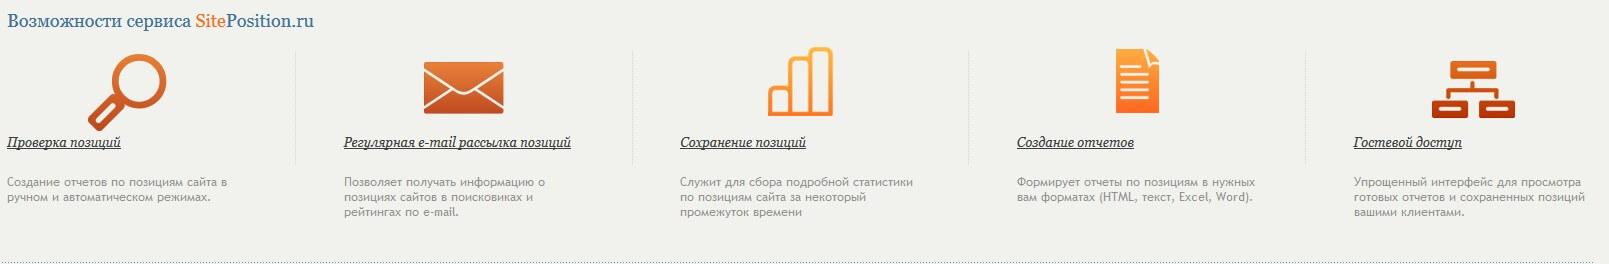 Услуги предоставляемые SitePosition